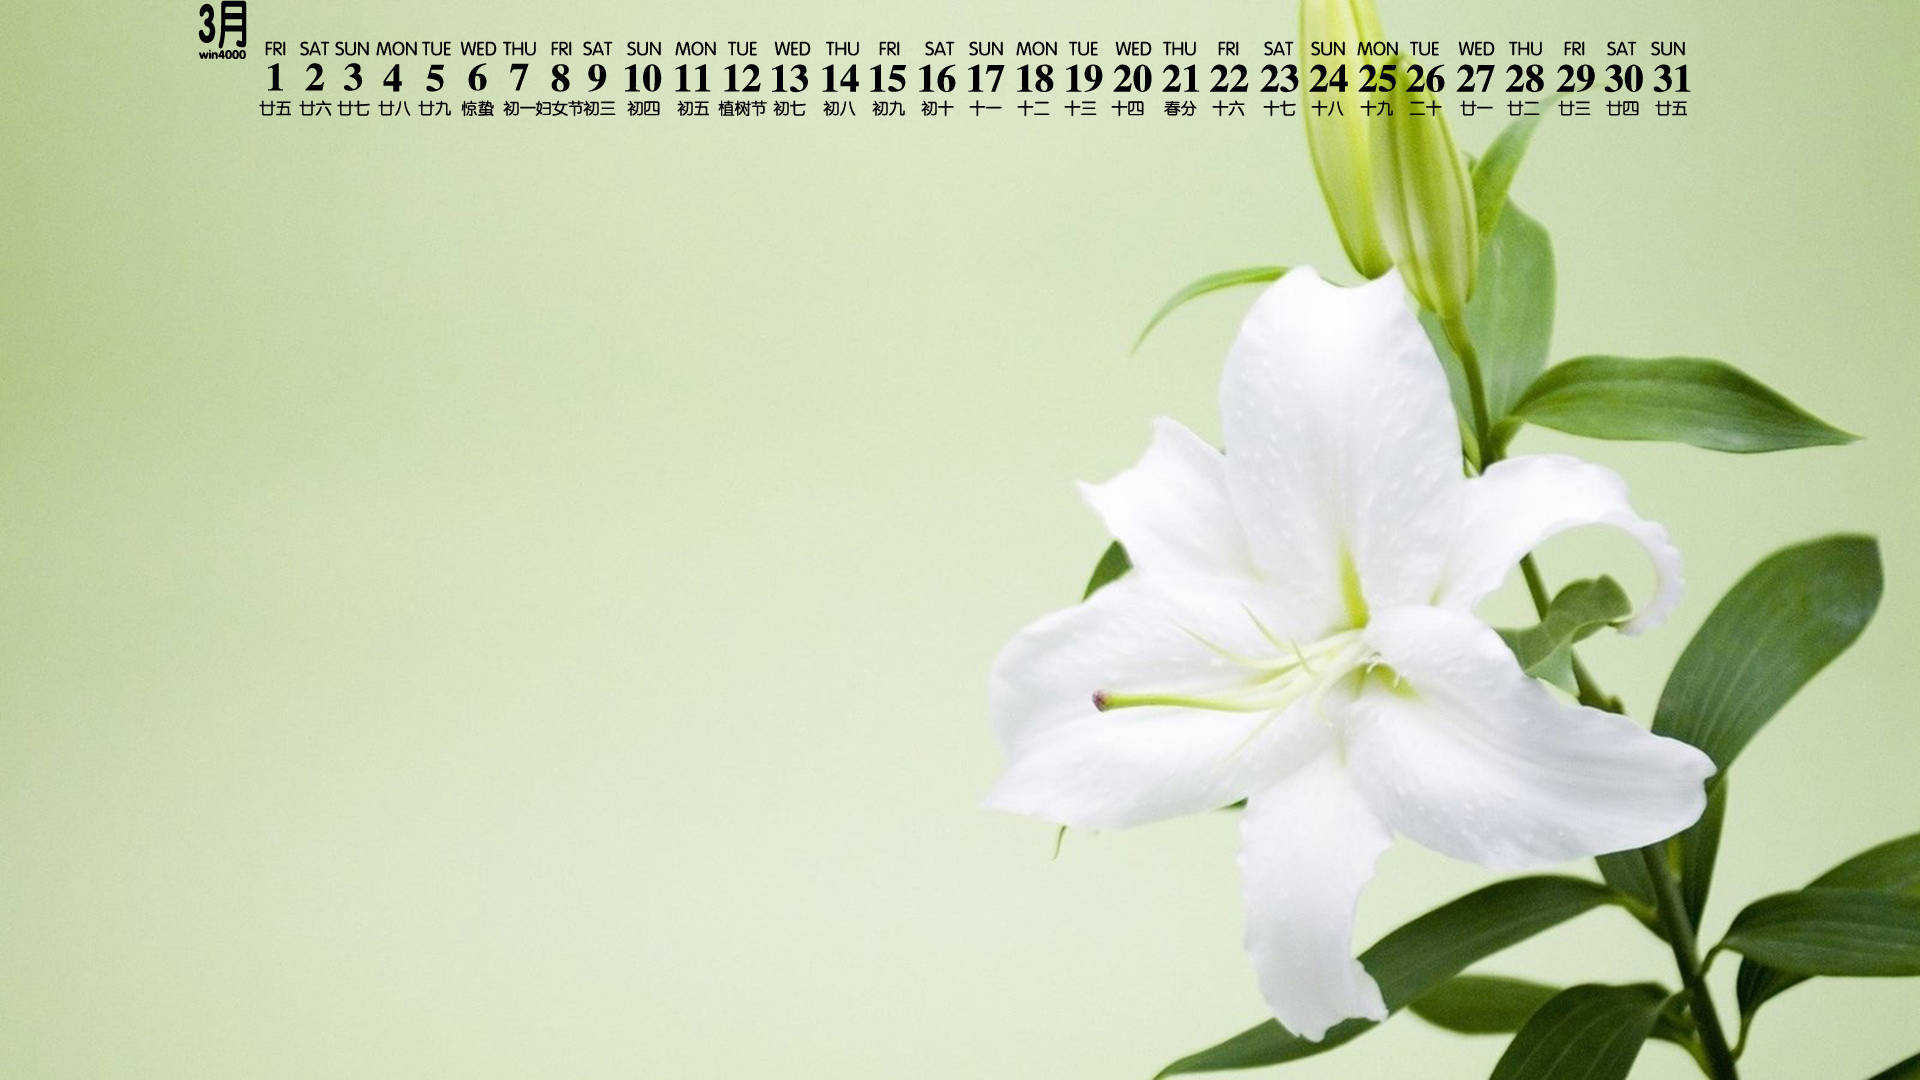 2019年3月植物花卉唯美日历桌面壁纸下载